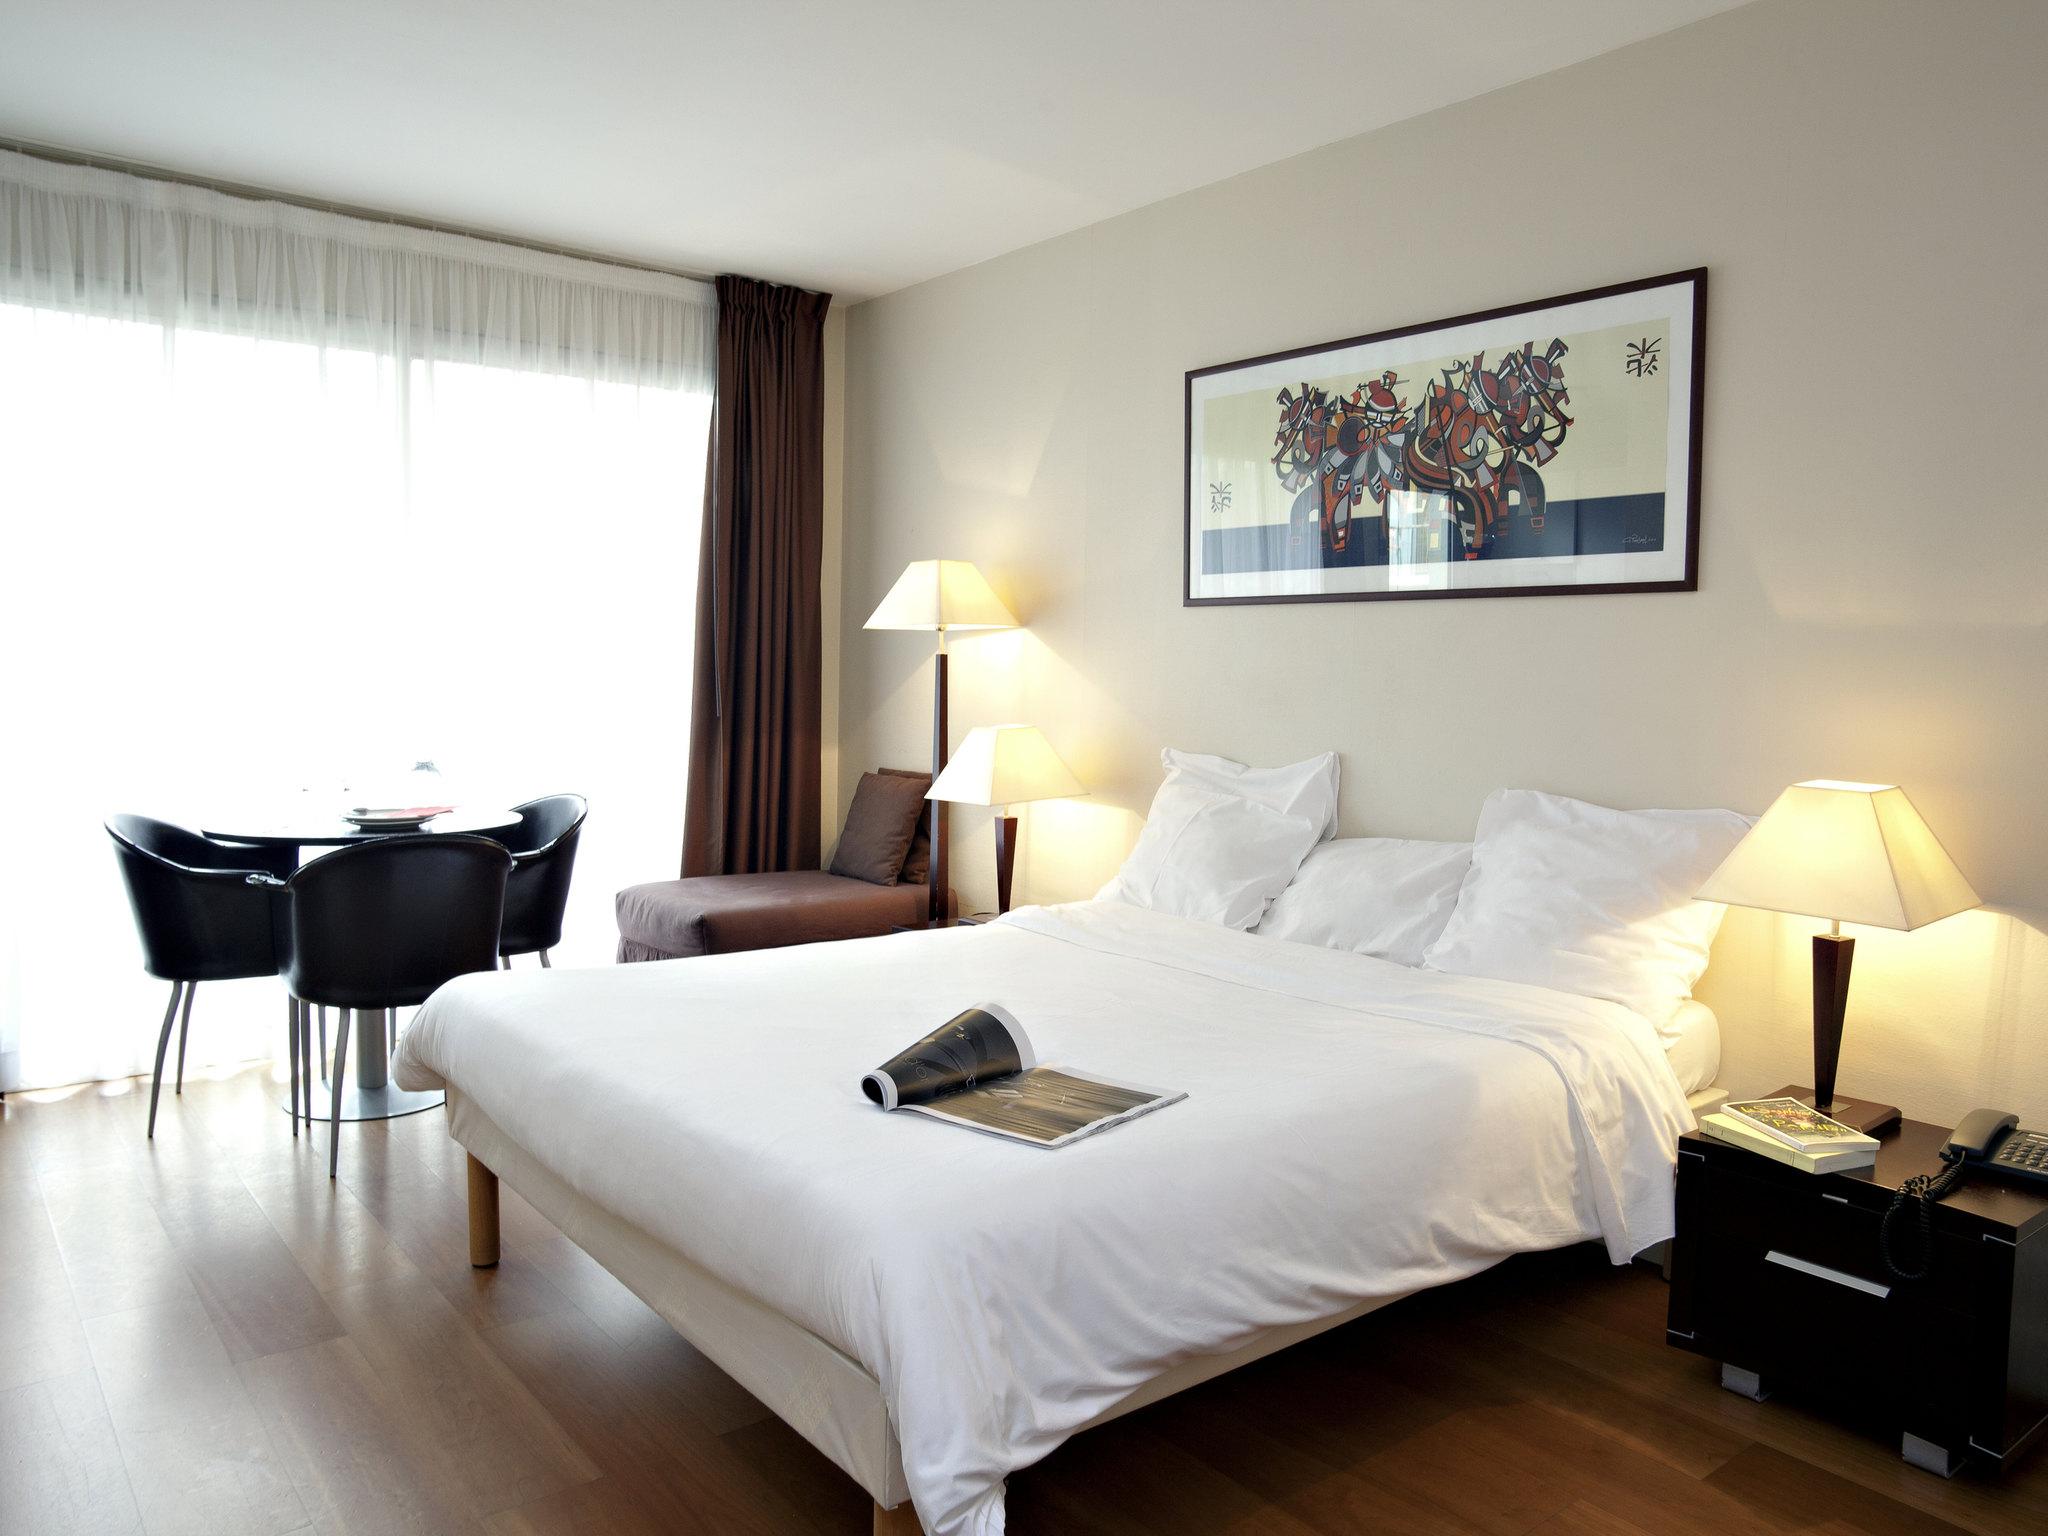 โรงแรม – อพาร์ทโฮเทล อดาจิโอ แอคเซส ปารีส ตูร์ ไอเฟล แซงต์ ชาร์ลส์